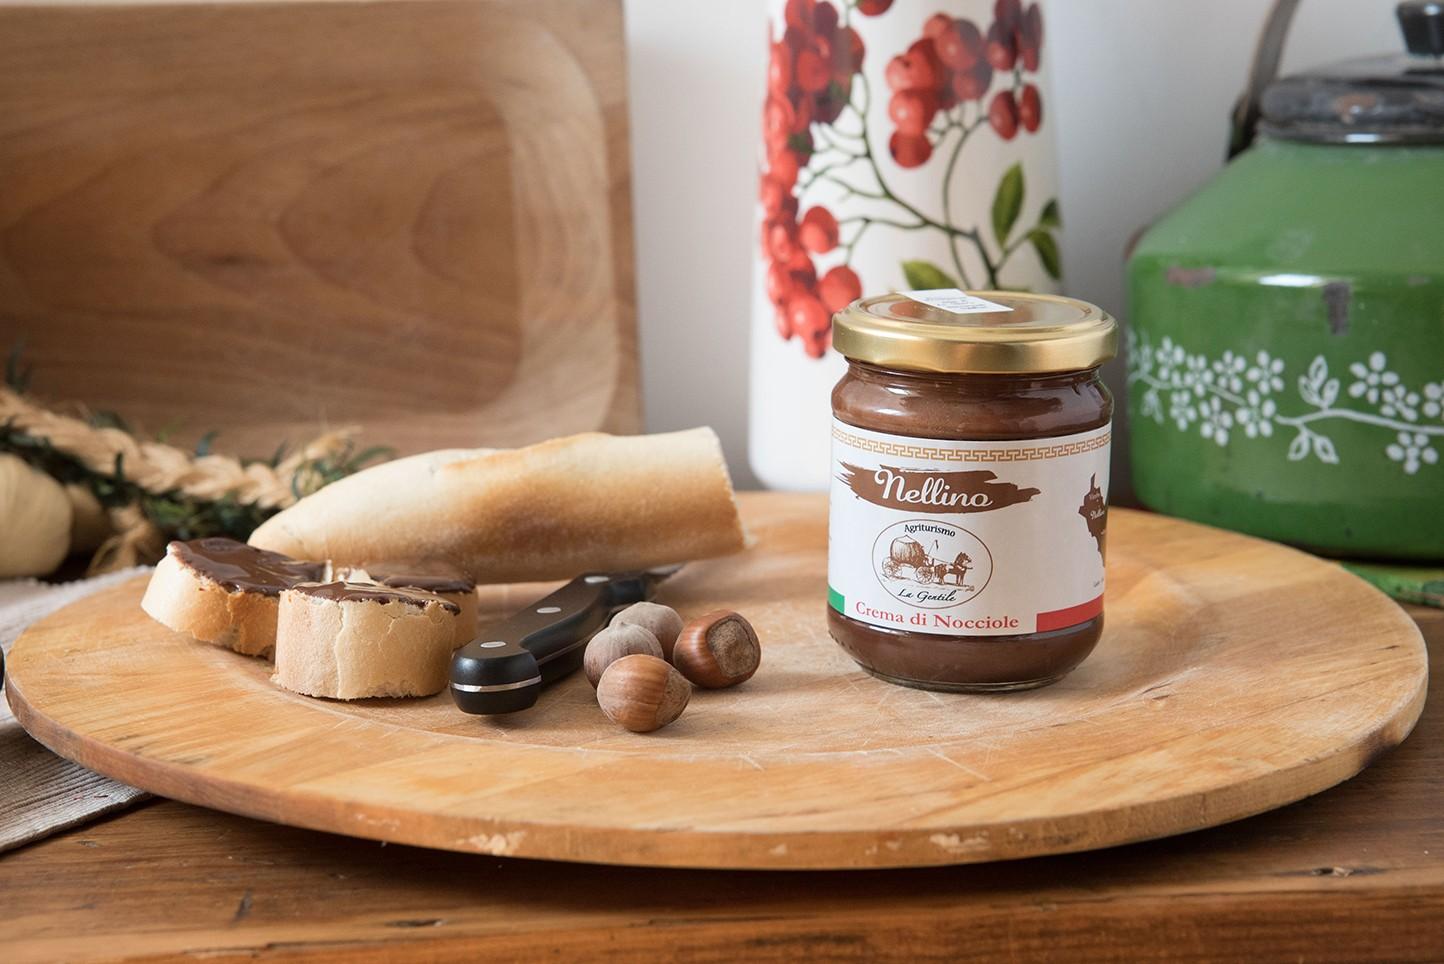 Nellina Crema di Nocciole - 200g - Azienda Agricola La Gentile